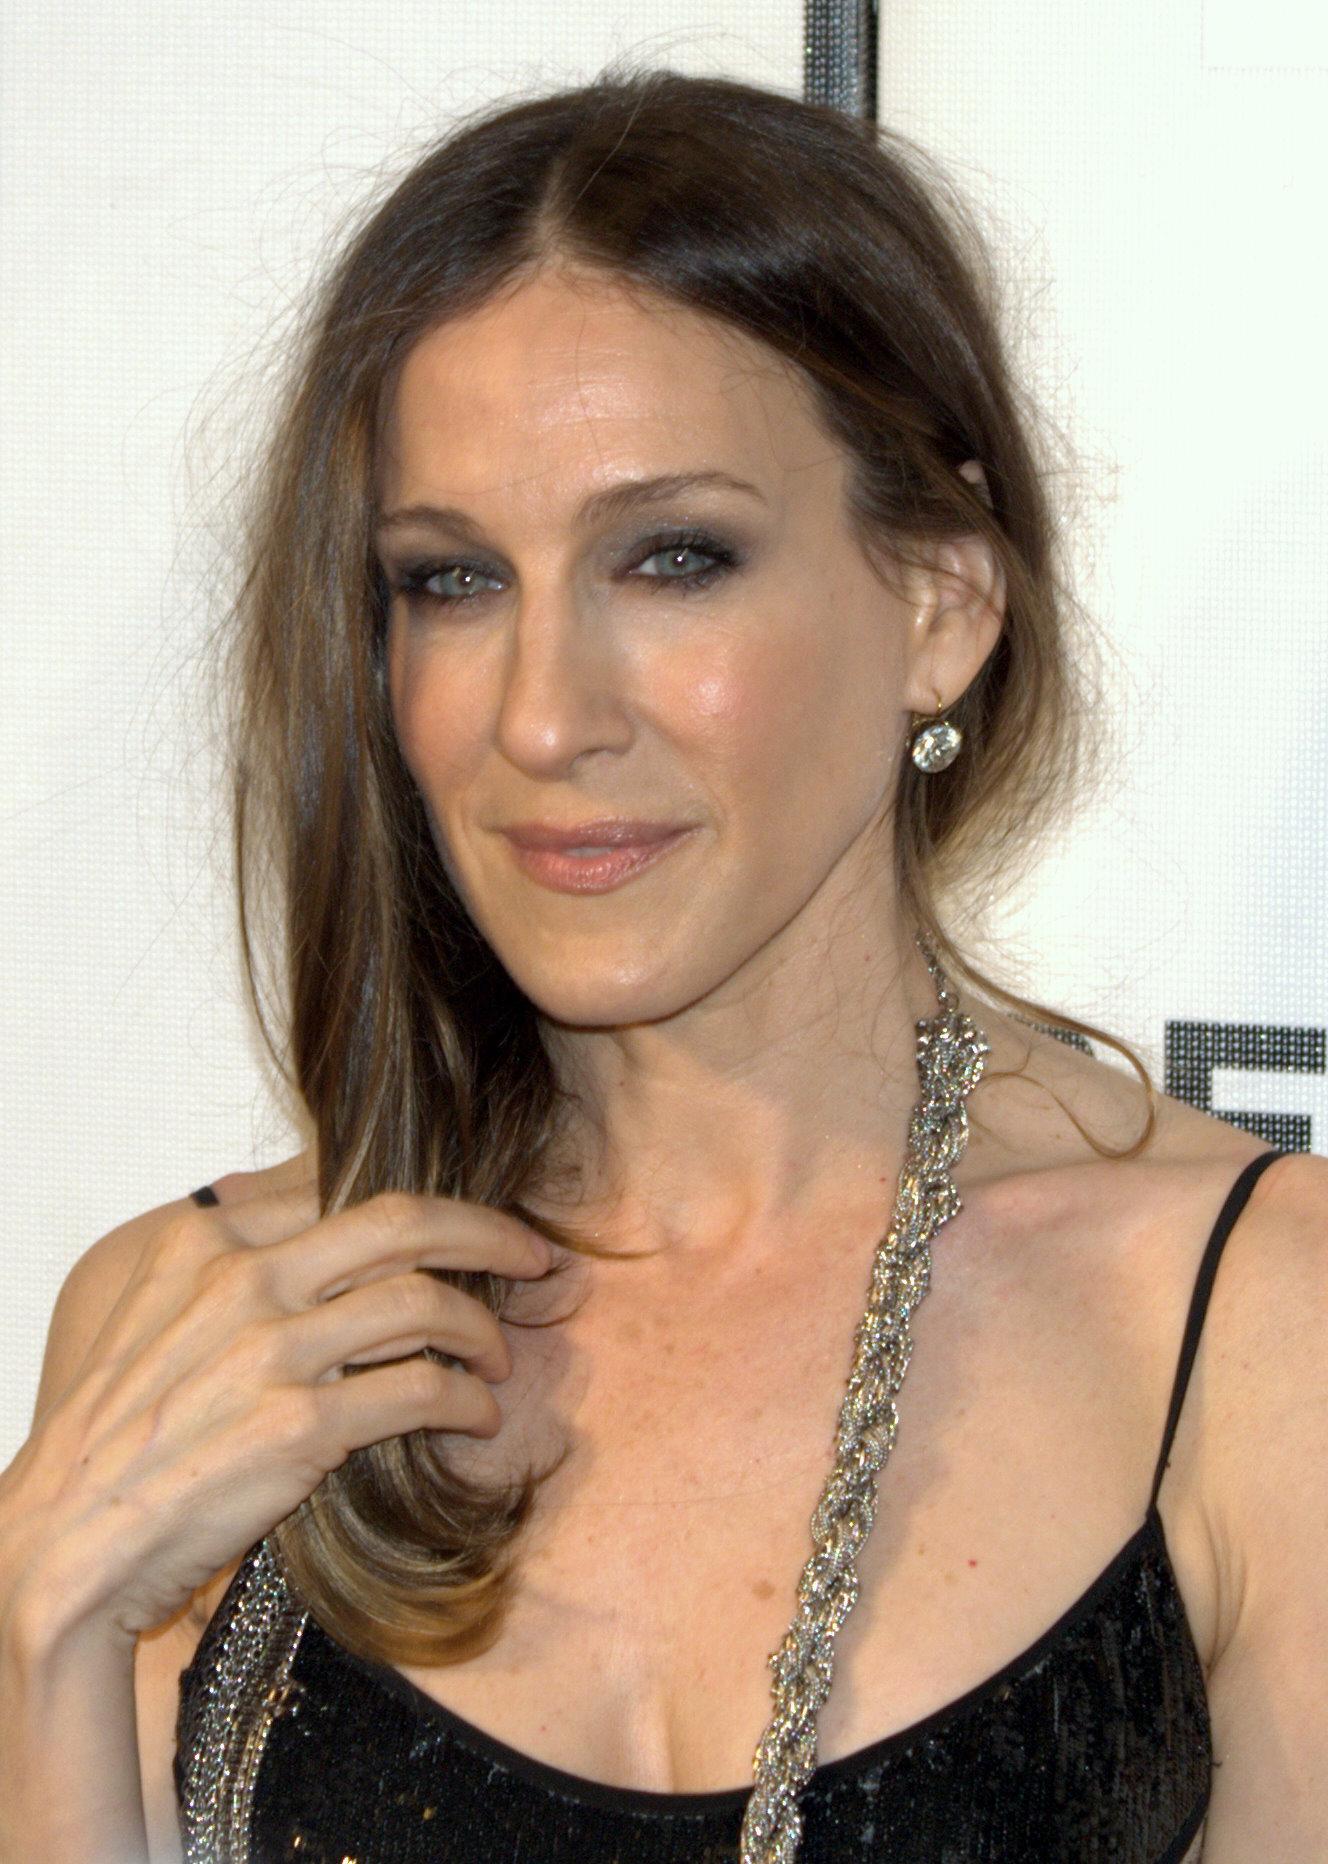 Sarah_Jessica_Parker_at_the_2009_Tribeca_Film_Festival_3